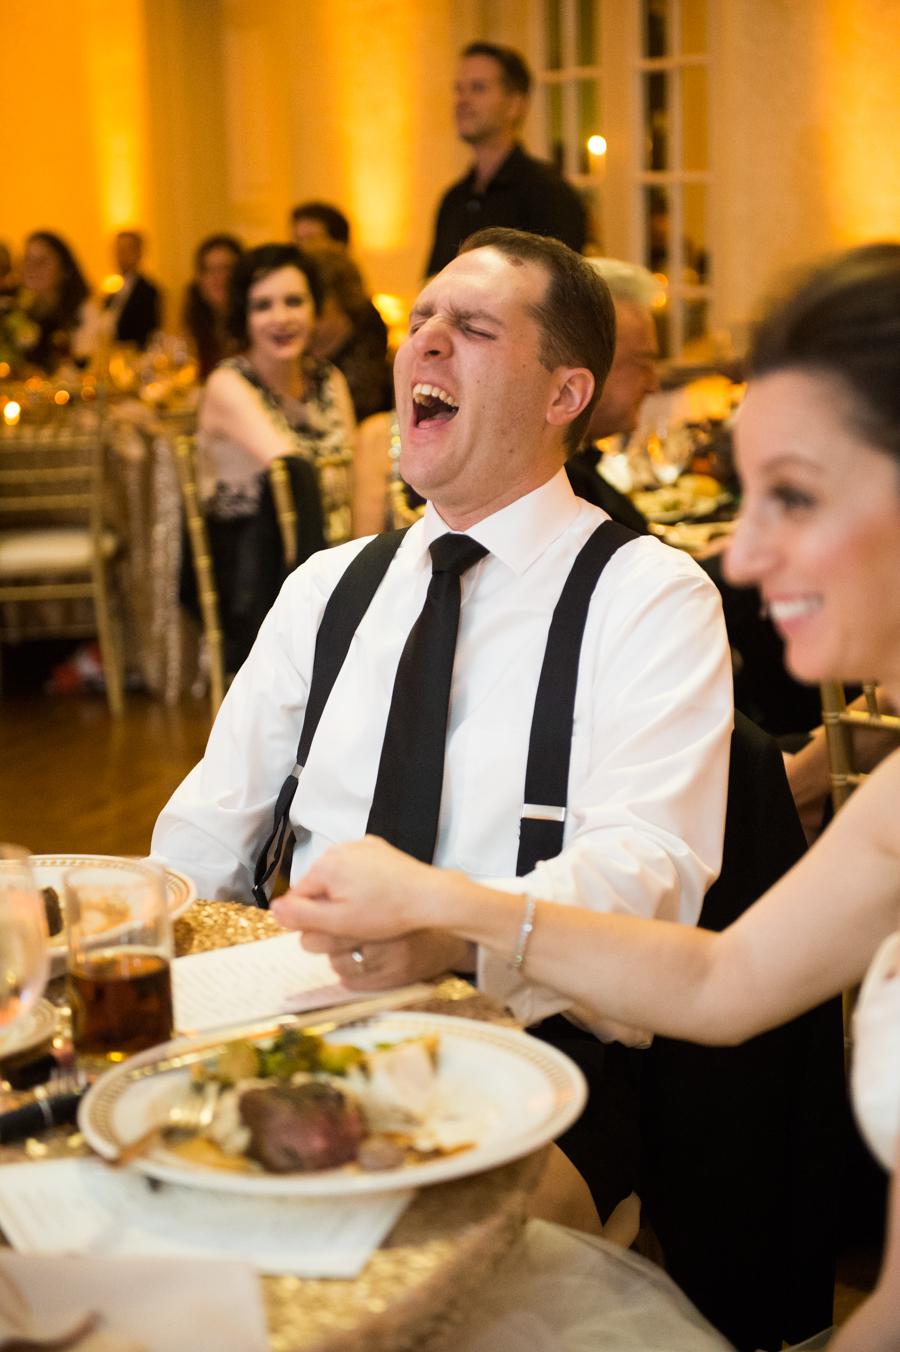 Pittsburgh Field Club Weddings | Elizabeth Craig Photography-211